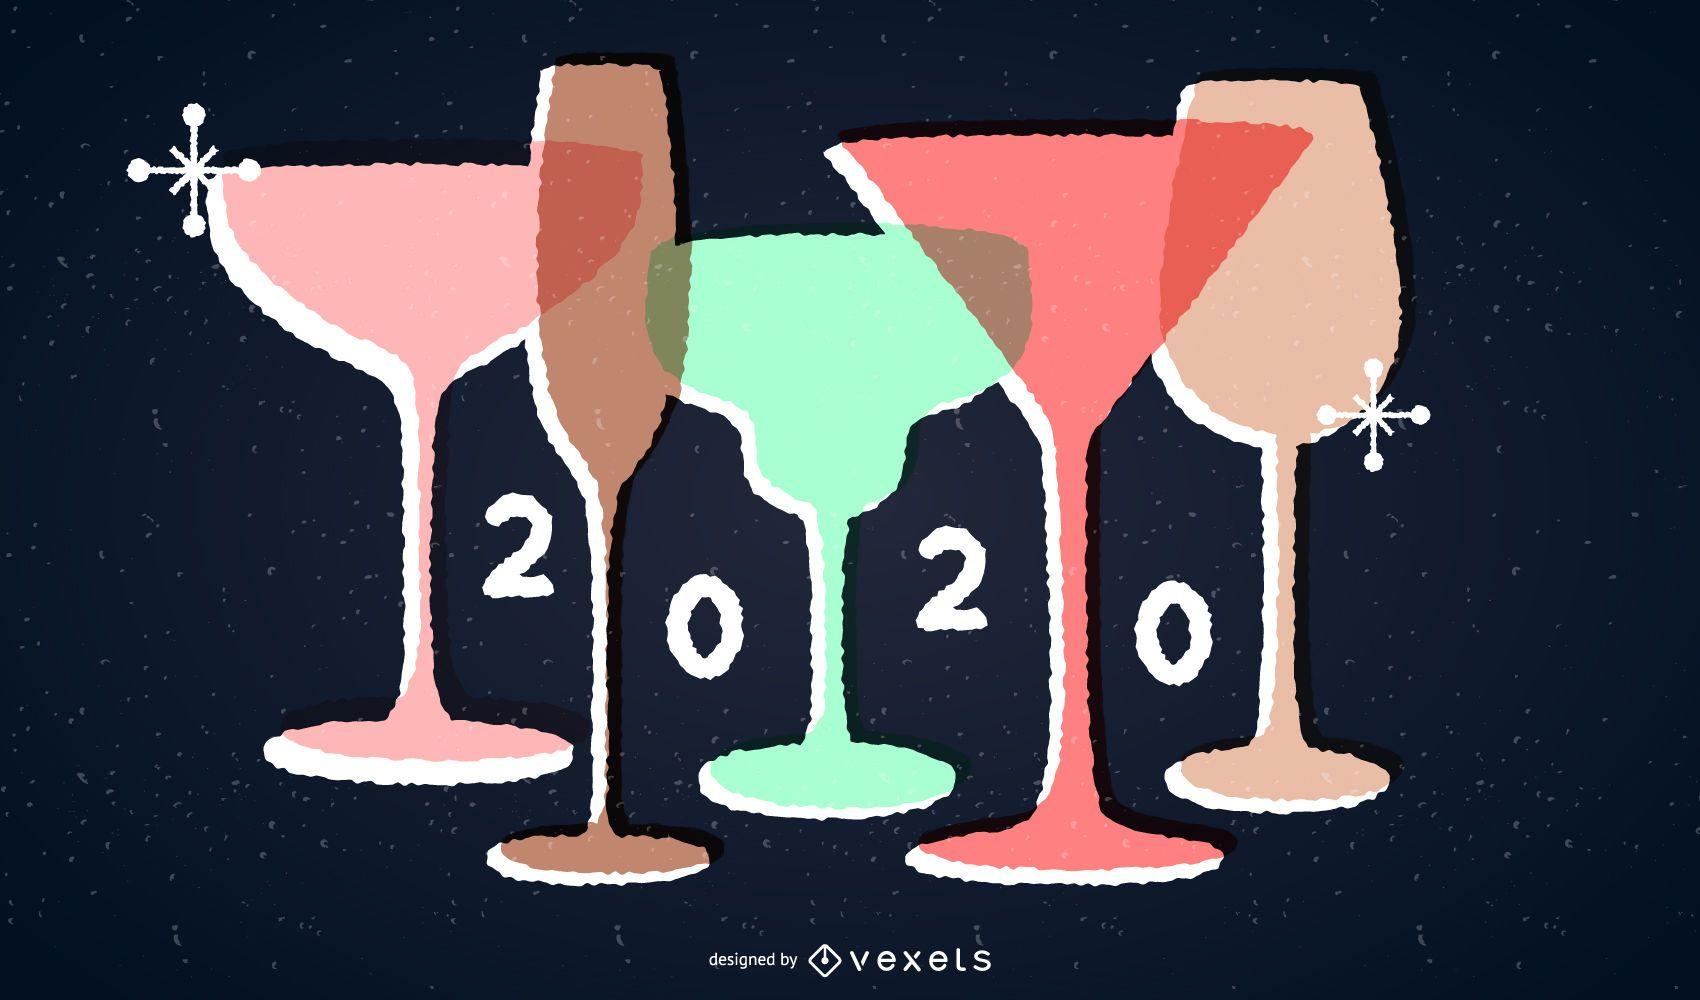 Ilustración de vasos de beber vintage de año nuevo 2020